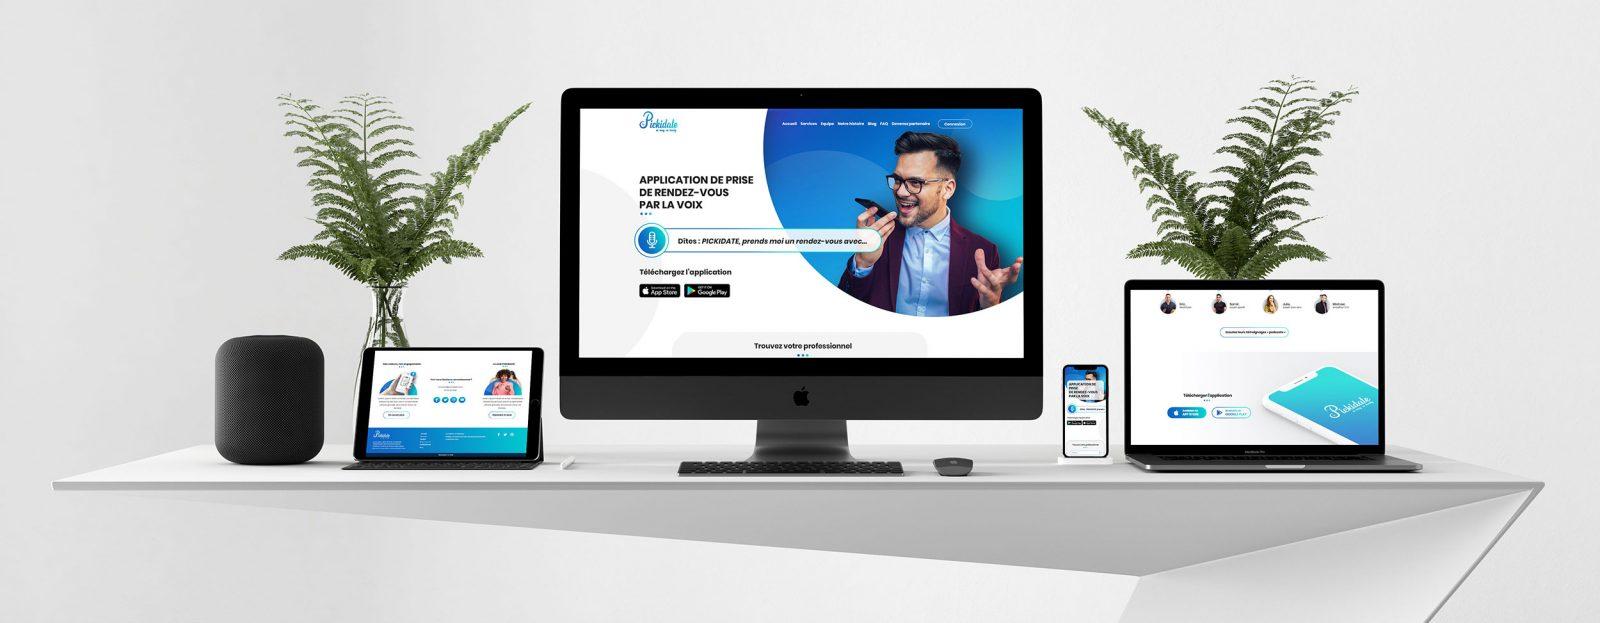 Création site web responsive pour application à commande vocale